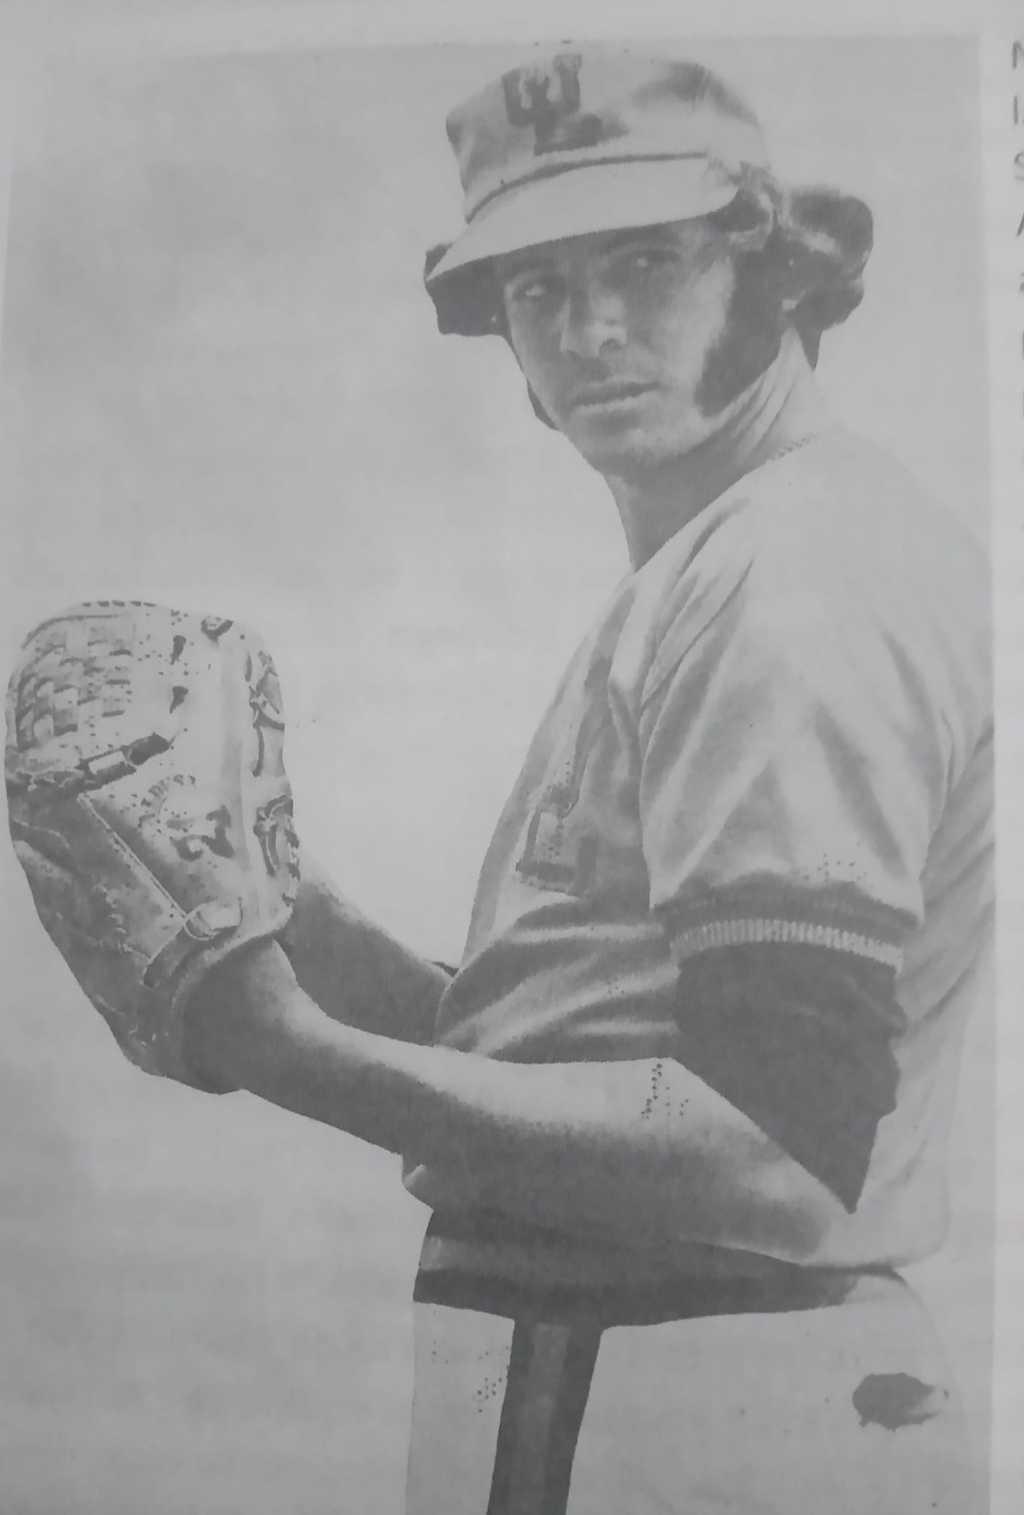 Foto en blanco y negro de una persona con sombrero  Descripción generada automáticamente con confianza media